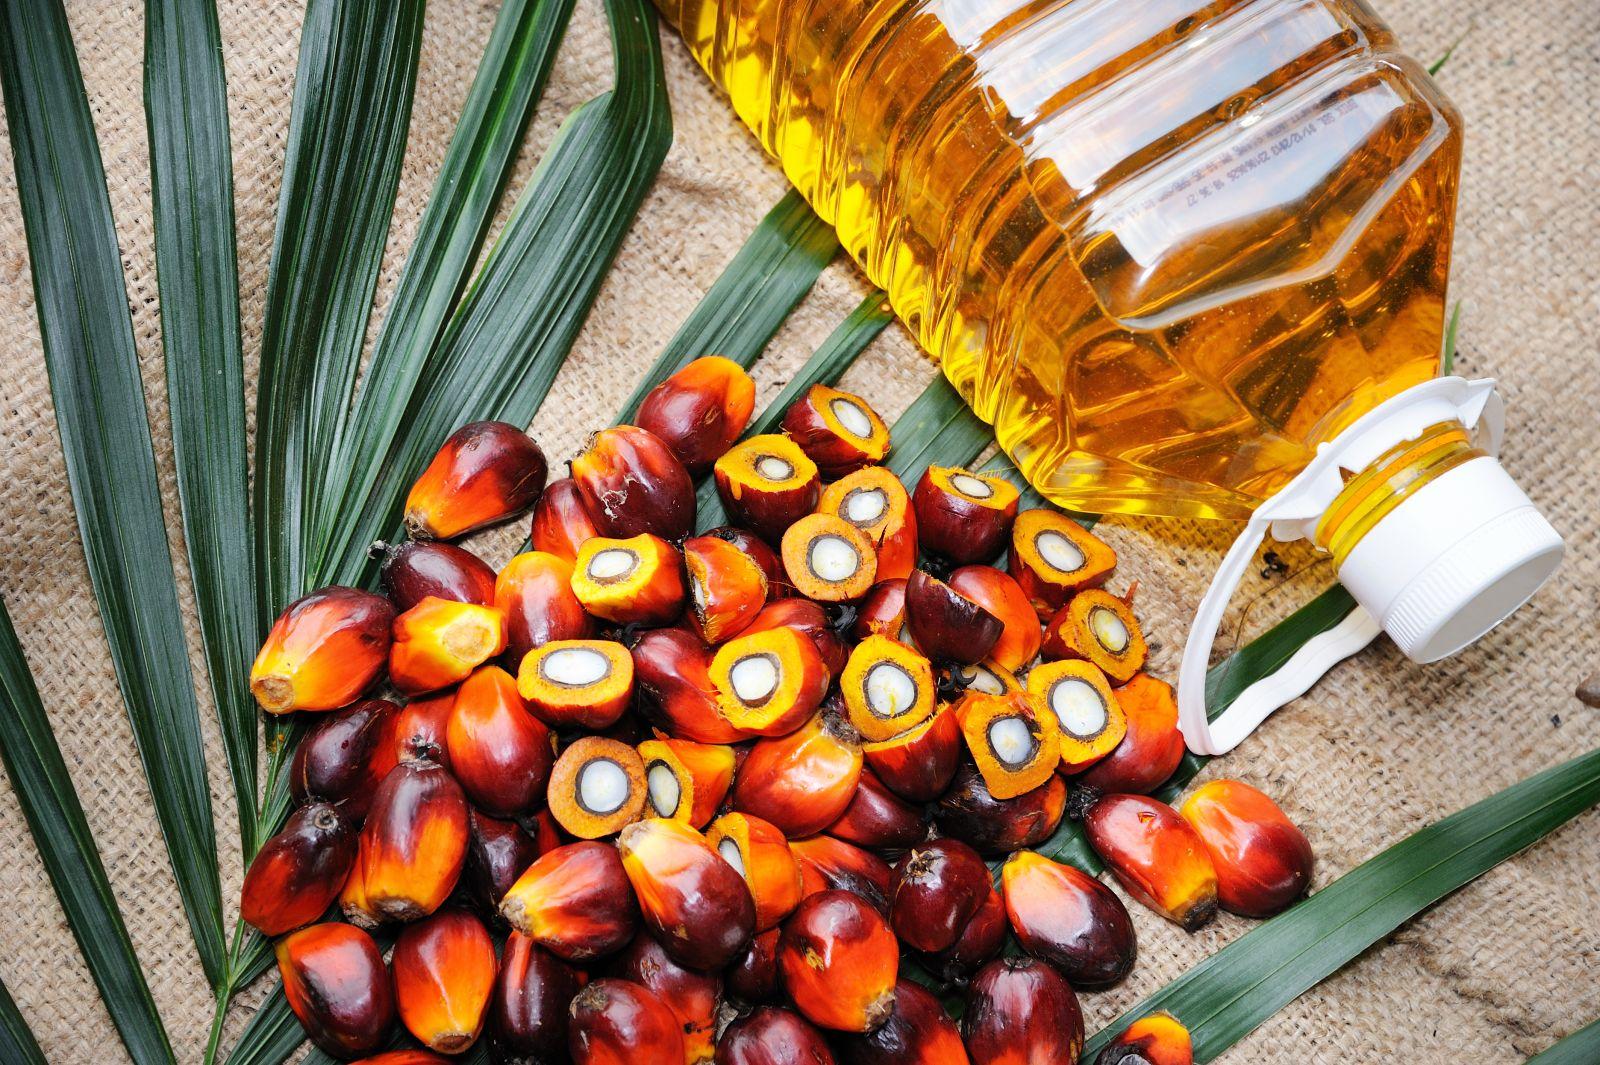 пальма пальмовое масло palm oil